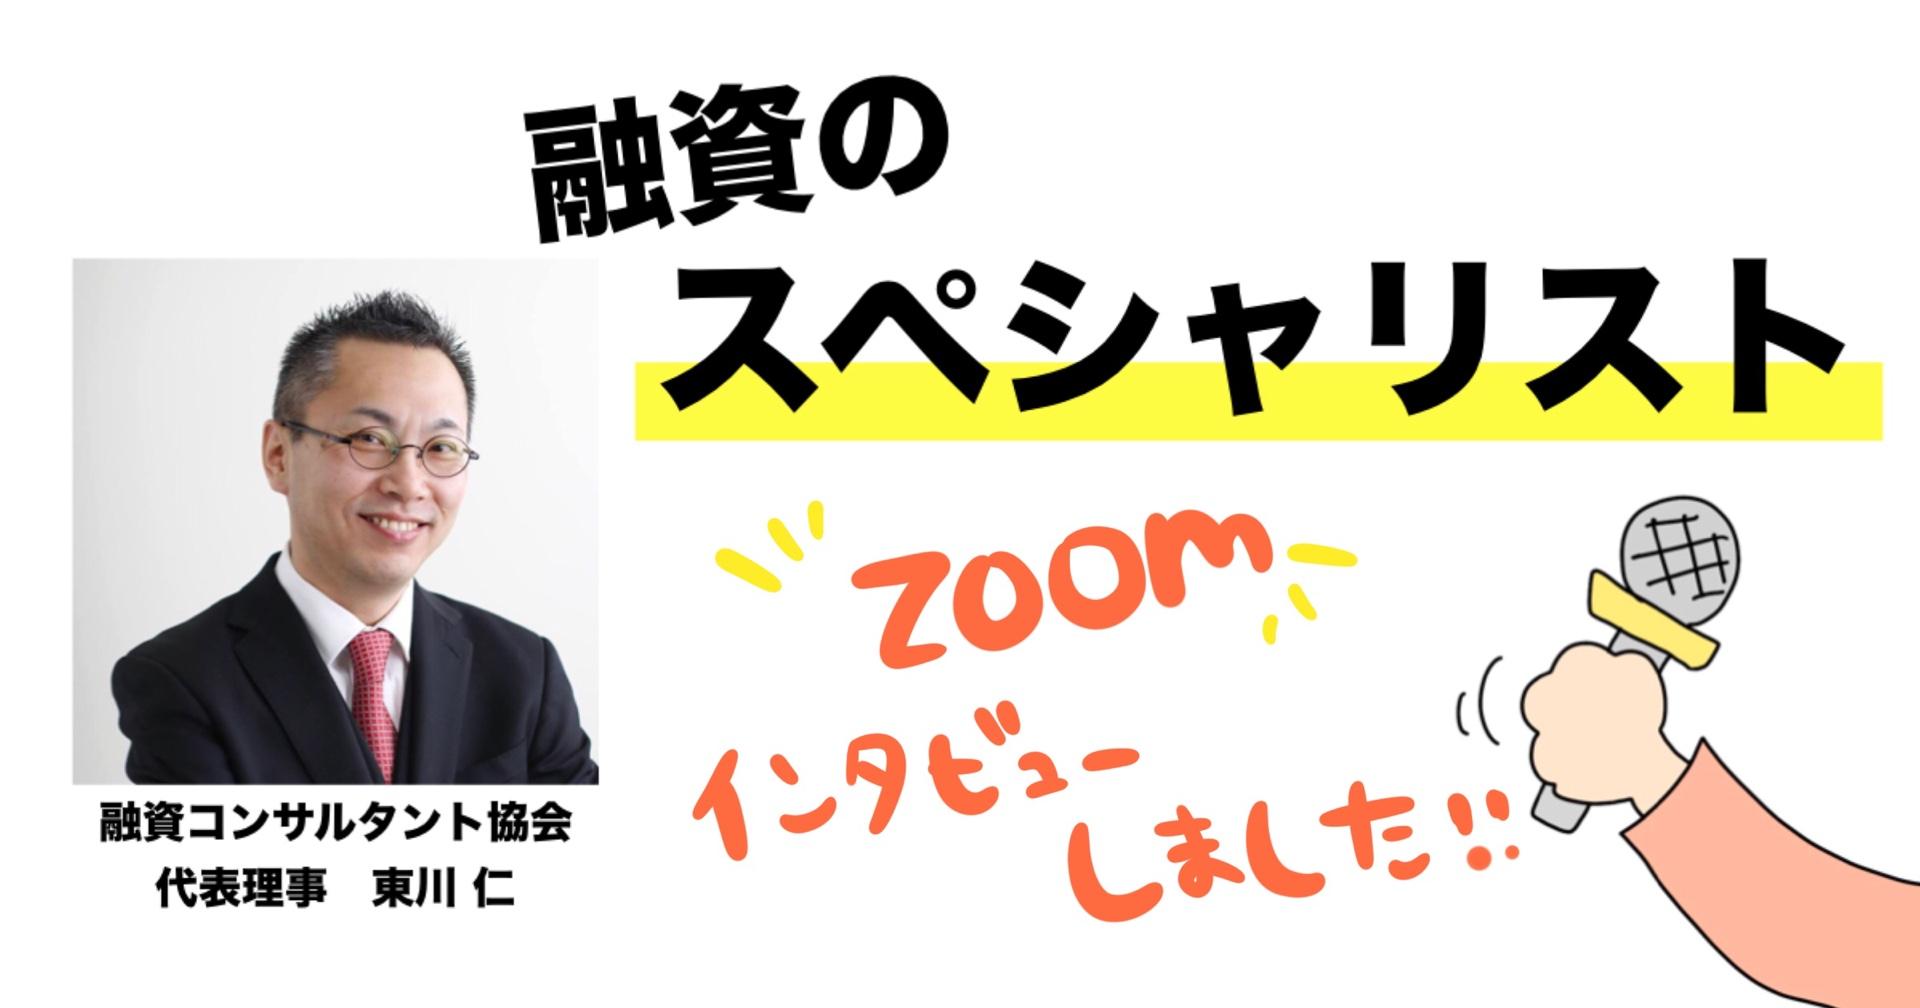 融資のスペシャリスト 一般社団法人融資コンサルタント協会 代表理事の東川仁さん